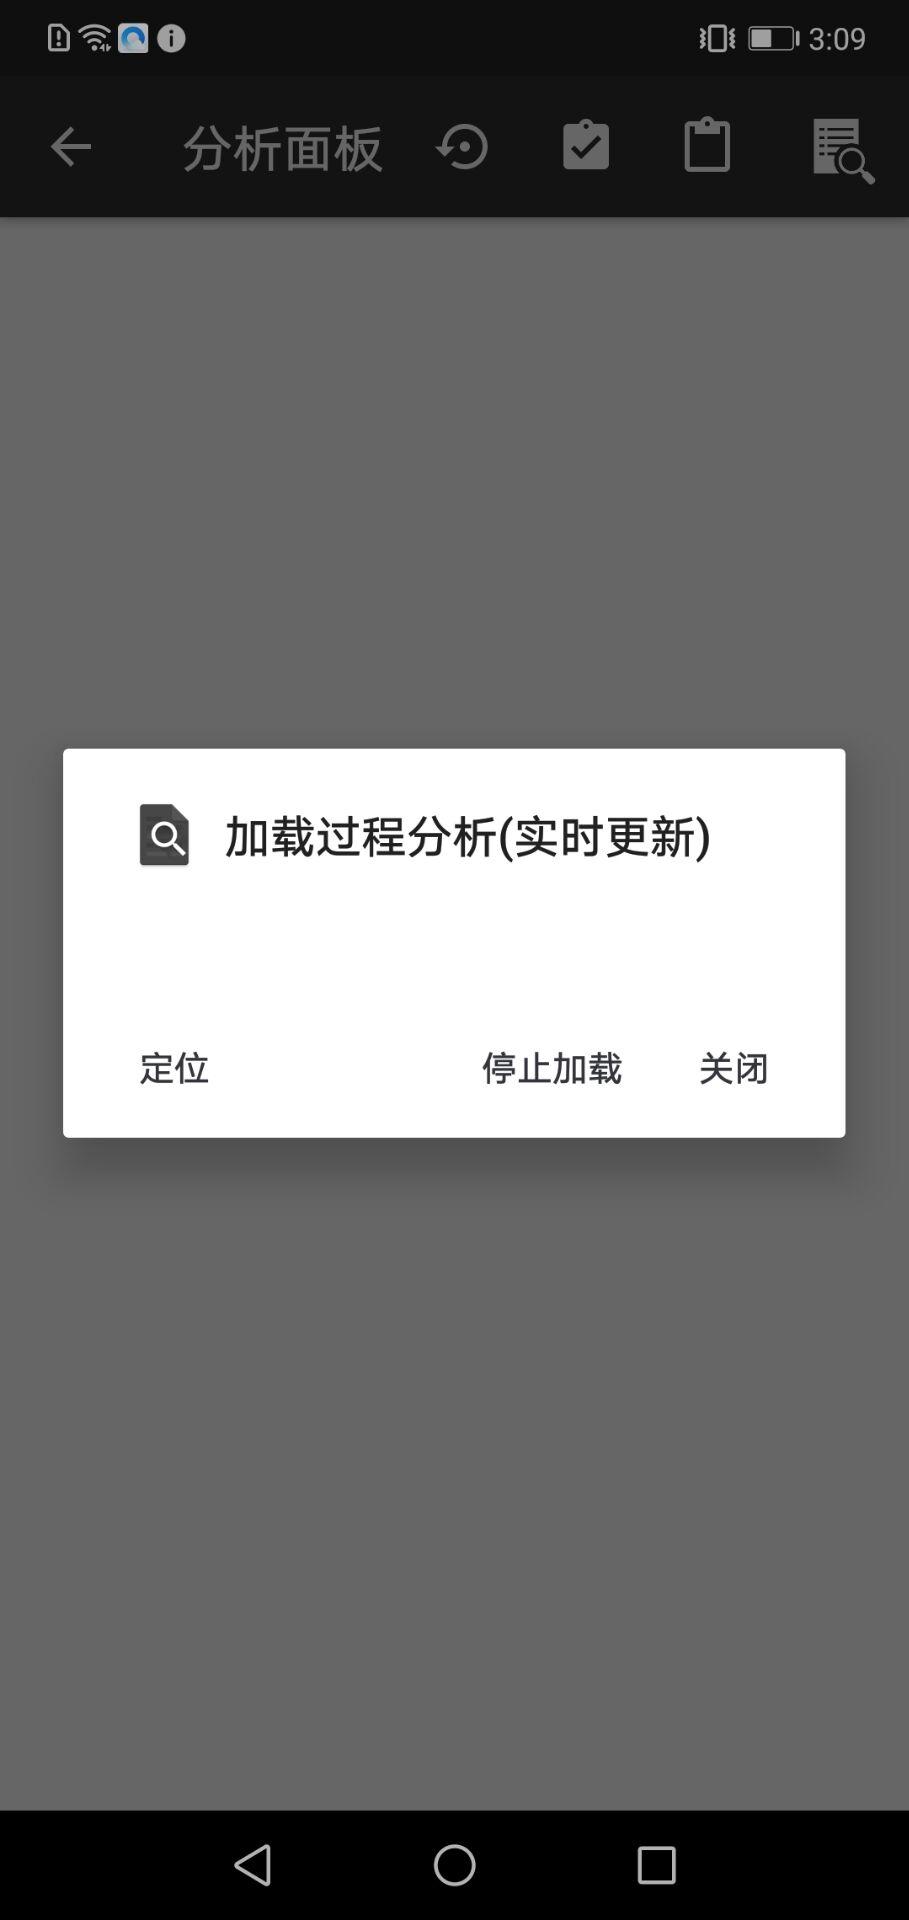 【资源分享】网页分析-爱小助